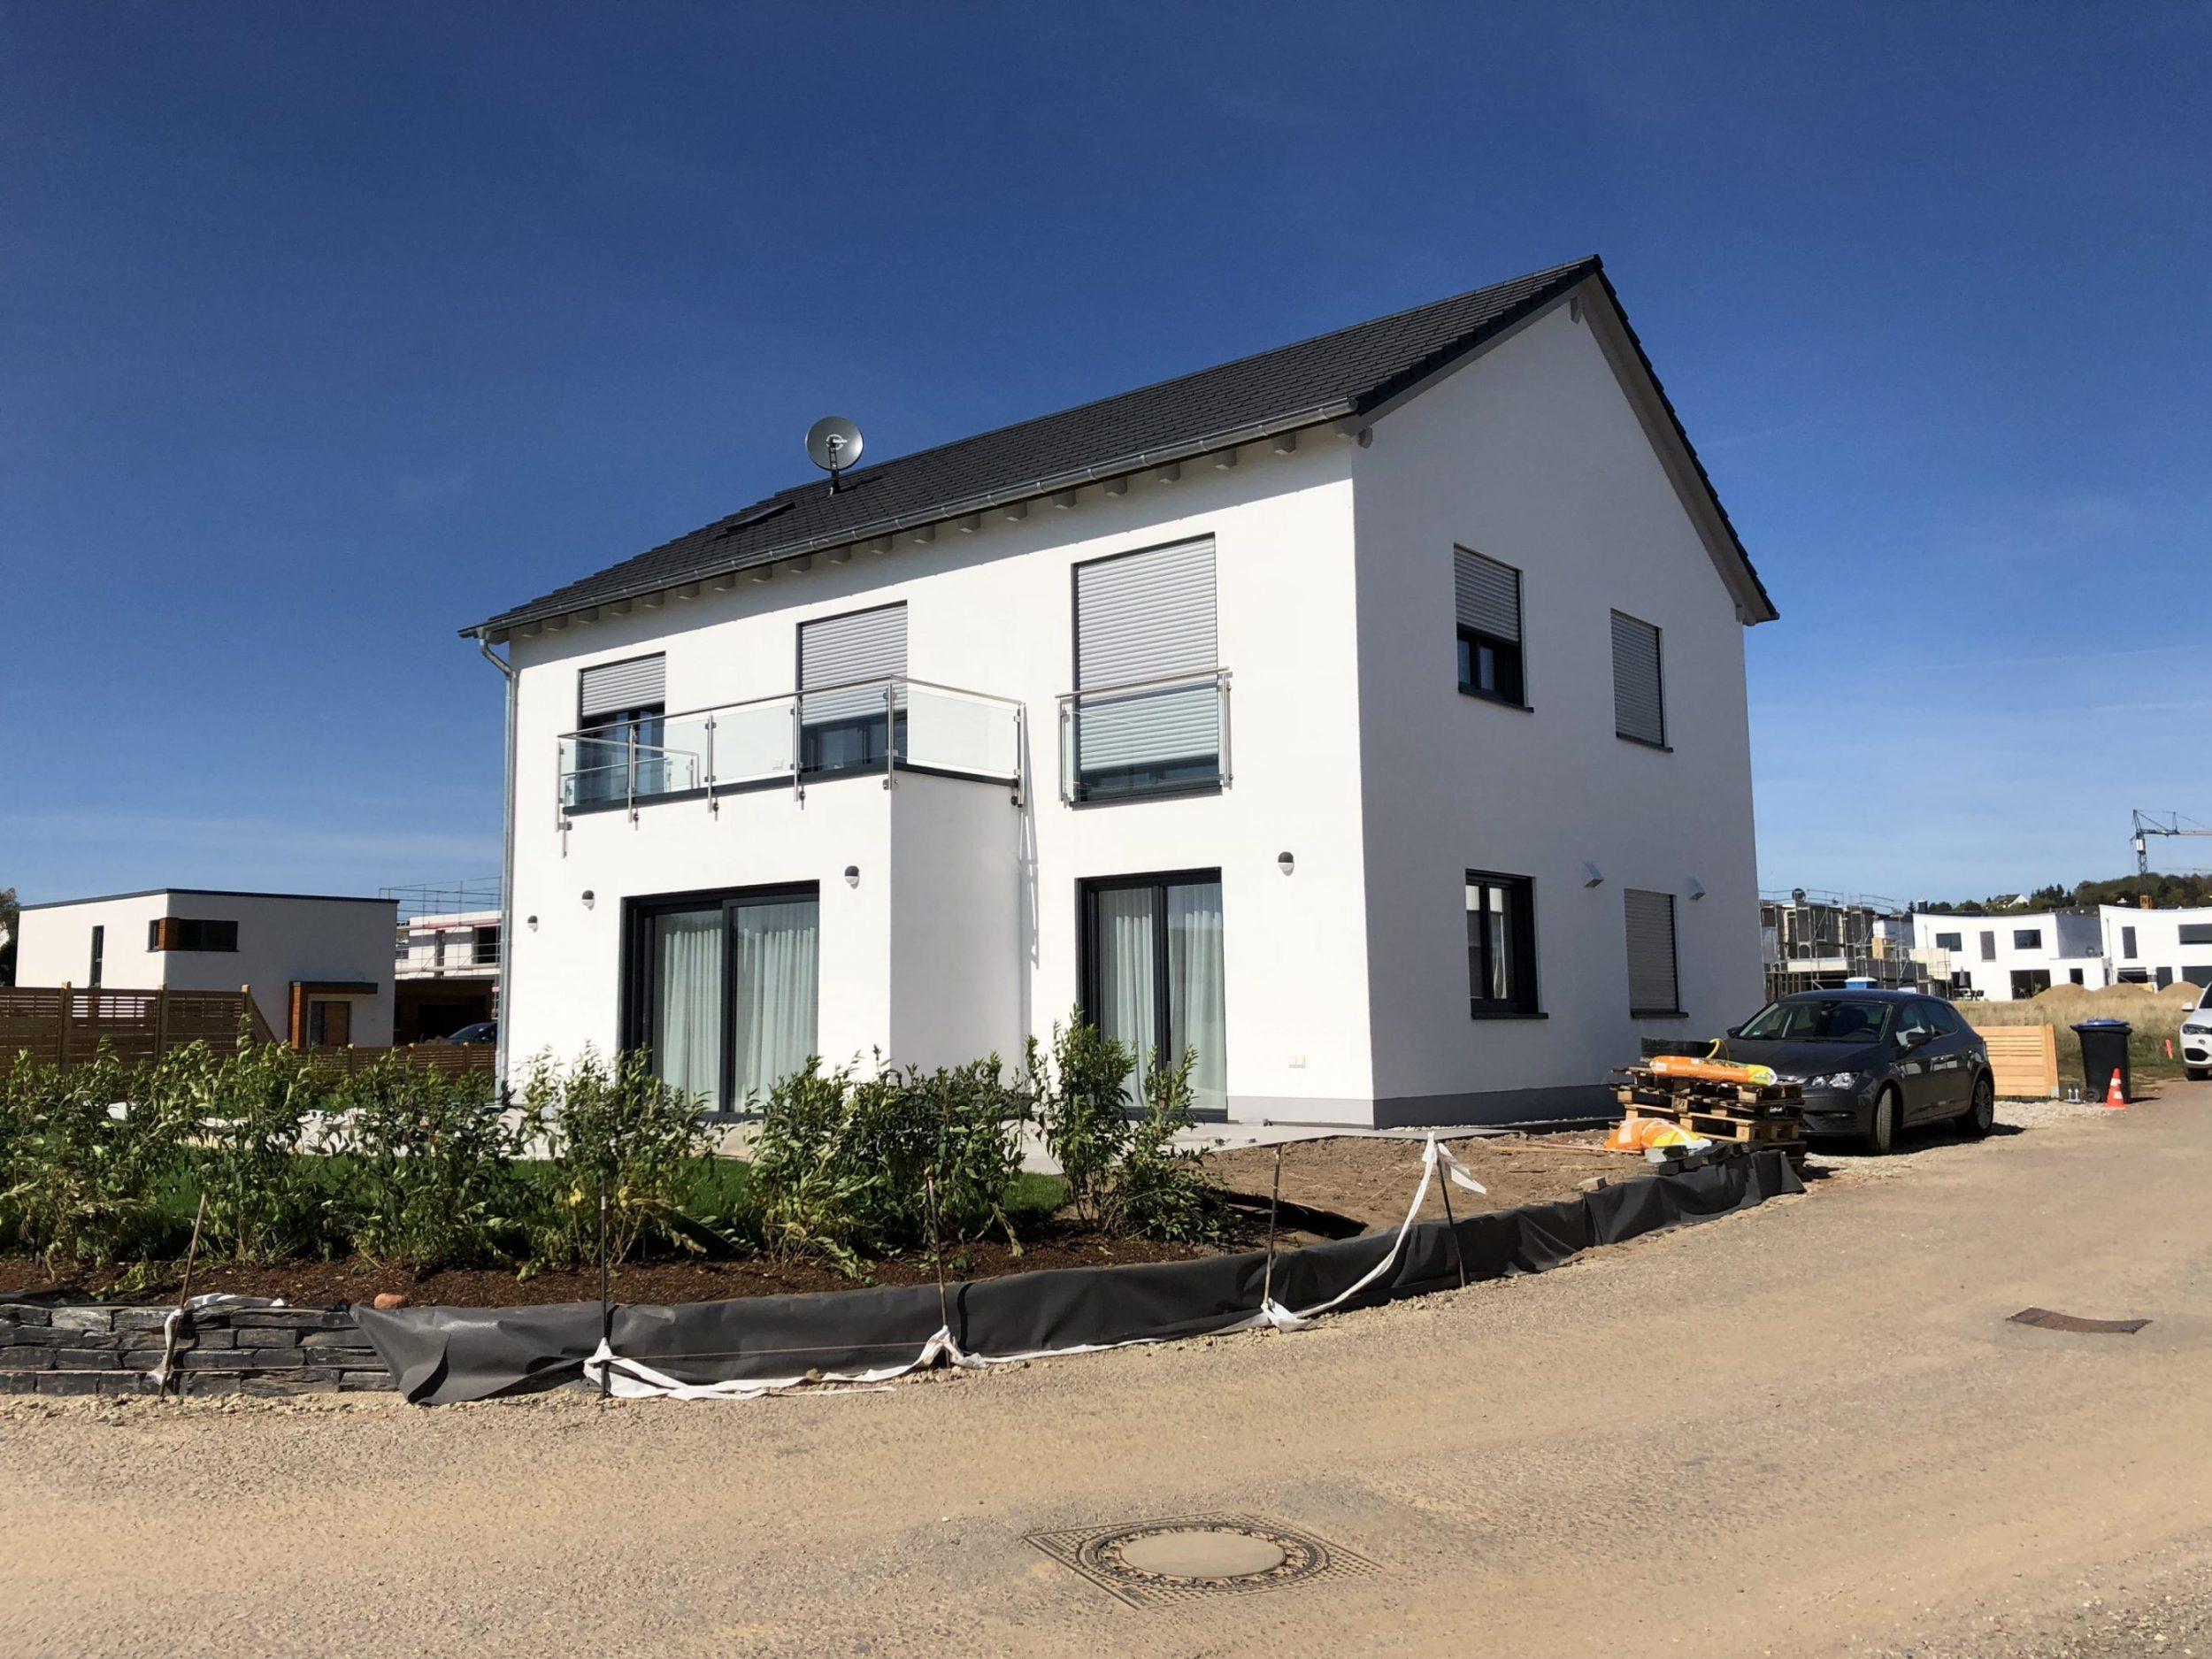 Neubau Einfamilienhaus mit Balkon, Satteldach, mit Hintergarten von Sträuchern umsäumt